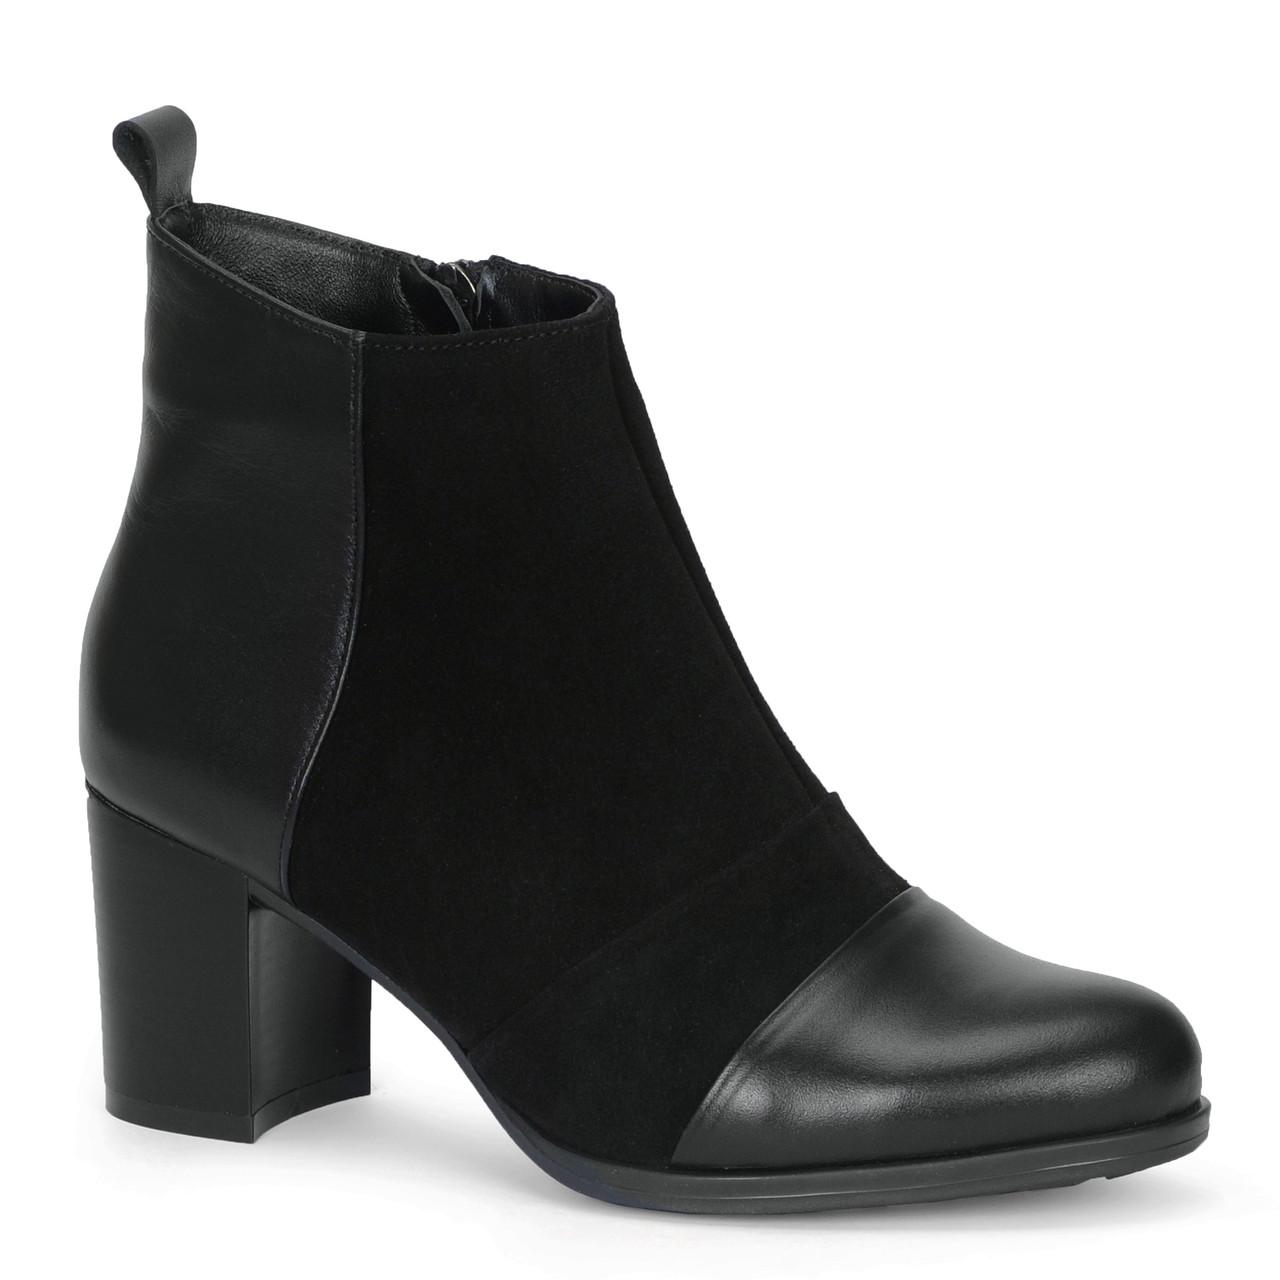 Женские кожаные ботинки TIFFANY на среднем каблуке с ремешком